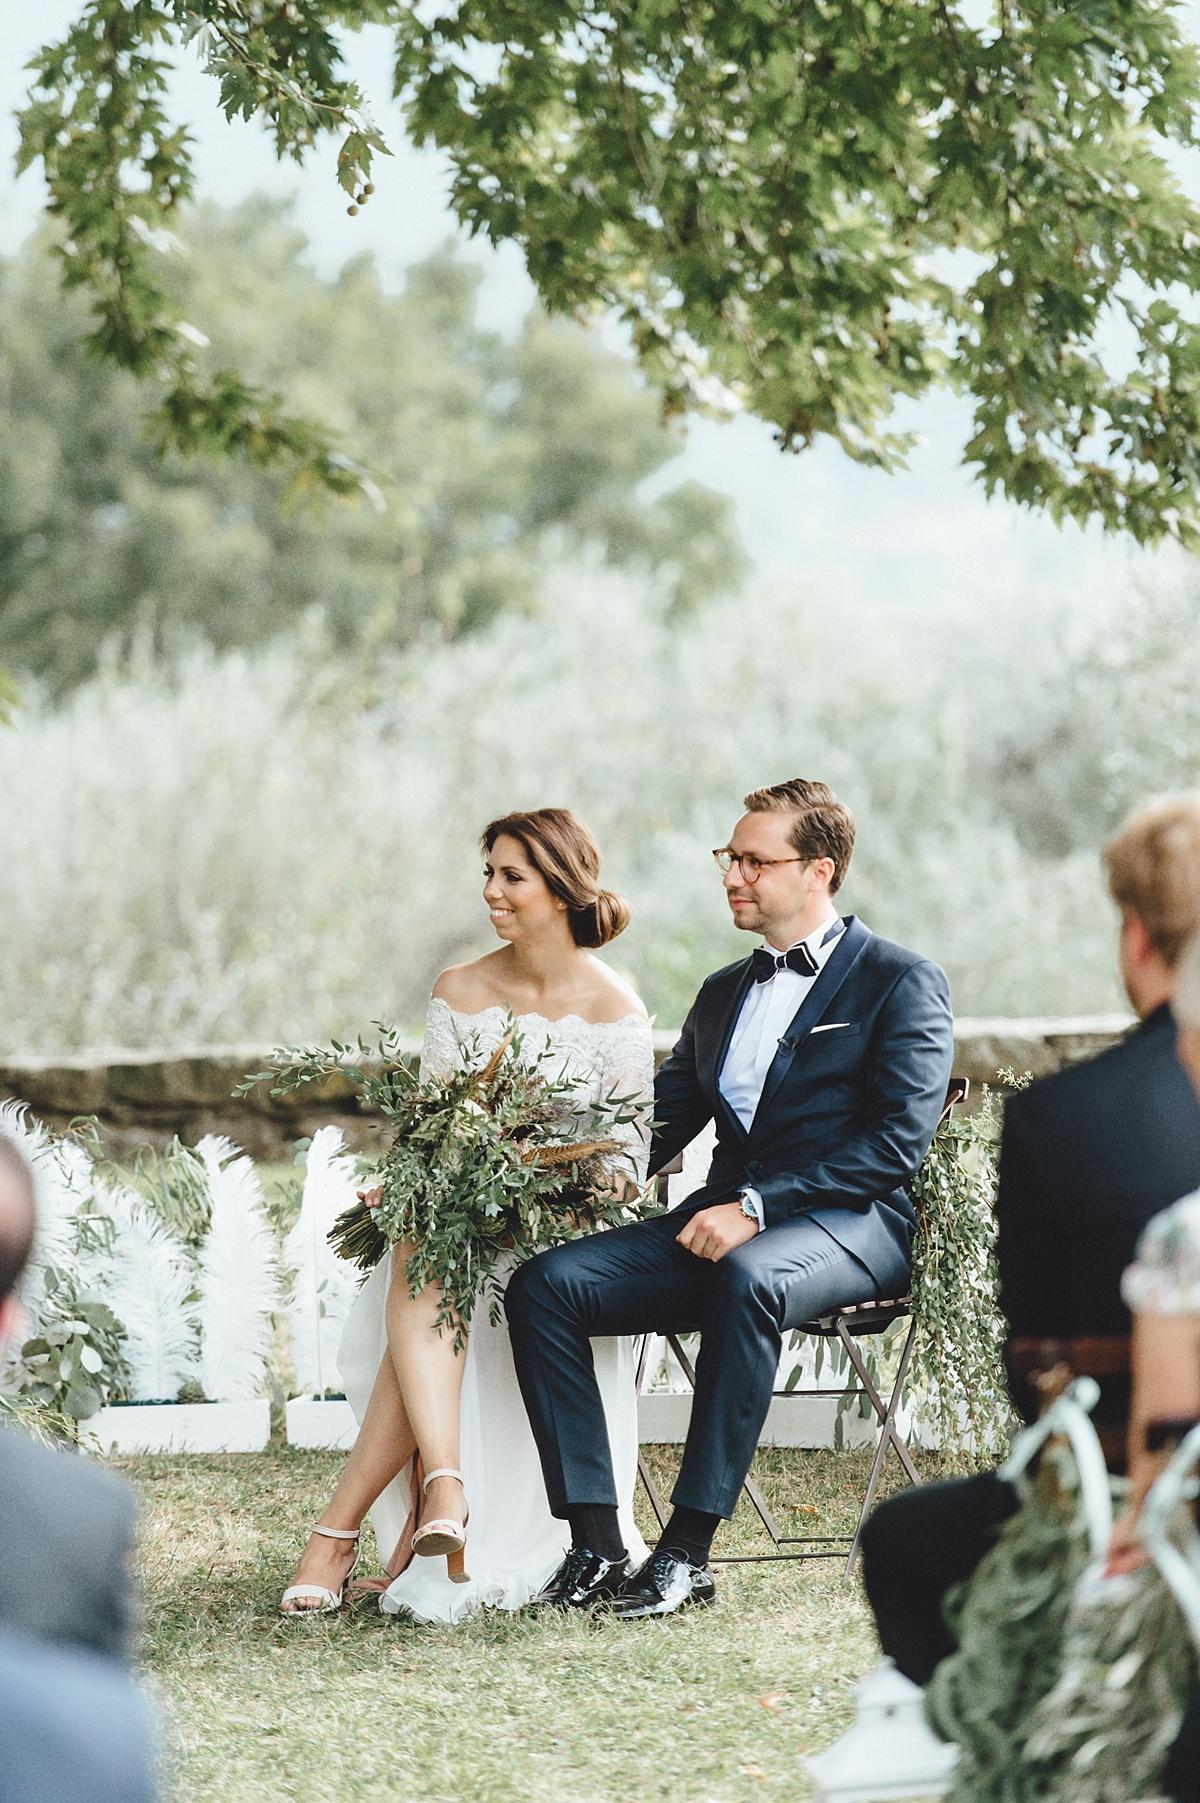 hochzeitsfotograf toskana Kristina & Daniel Mediterrane Toskana Hochzeithochzeitsfotograf toskana italien 2129